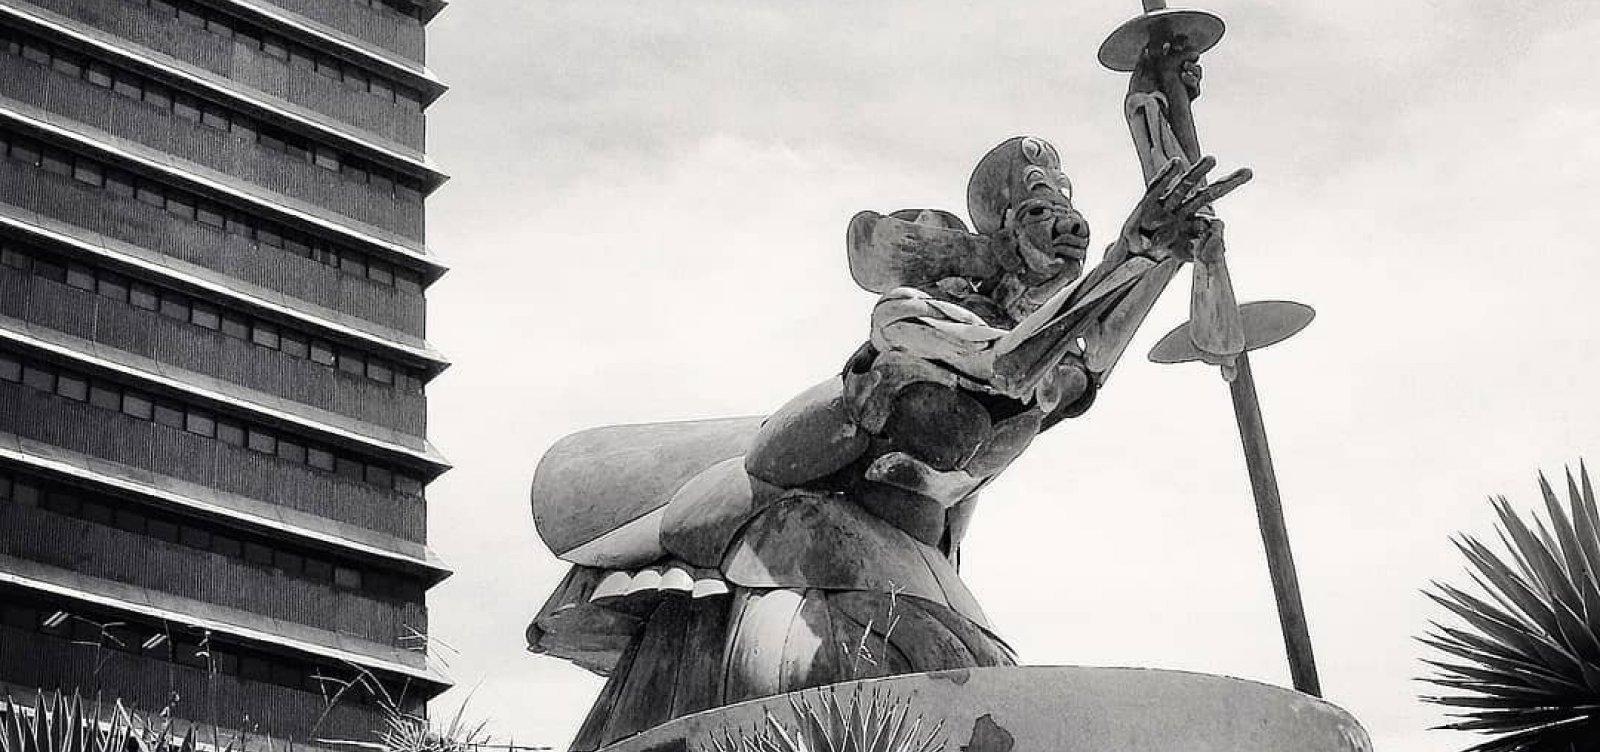 Oxalá de Mário Cravo Jr. é restaurado e volta a ser exposto